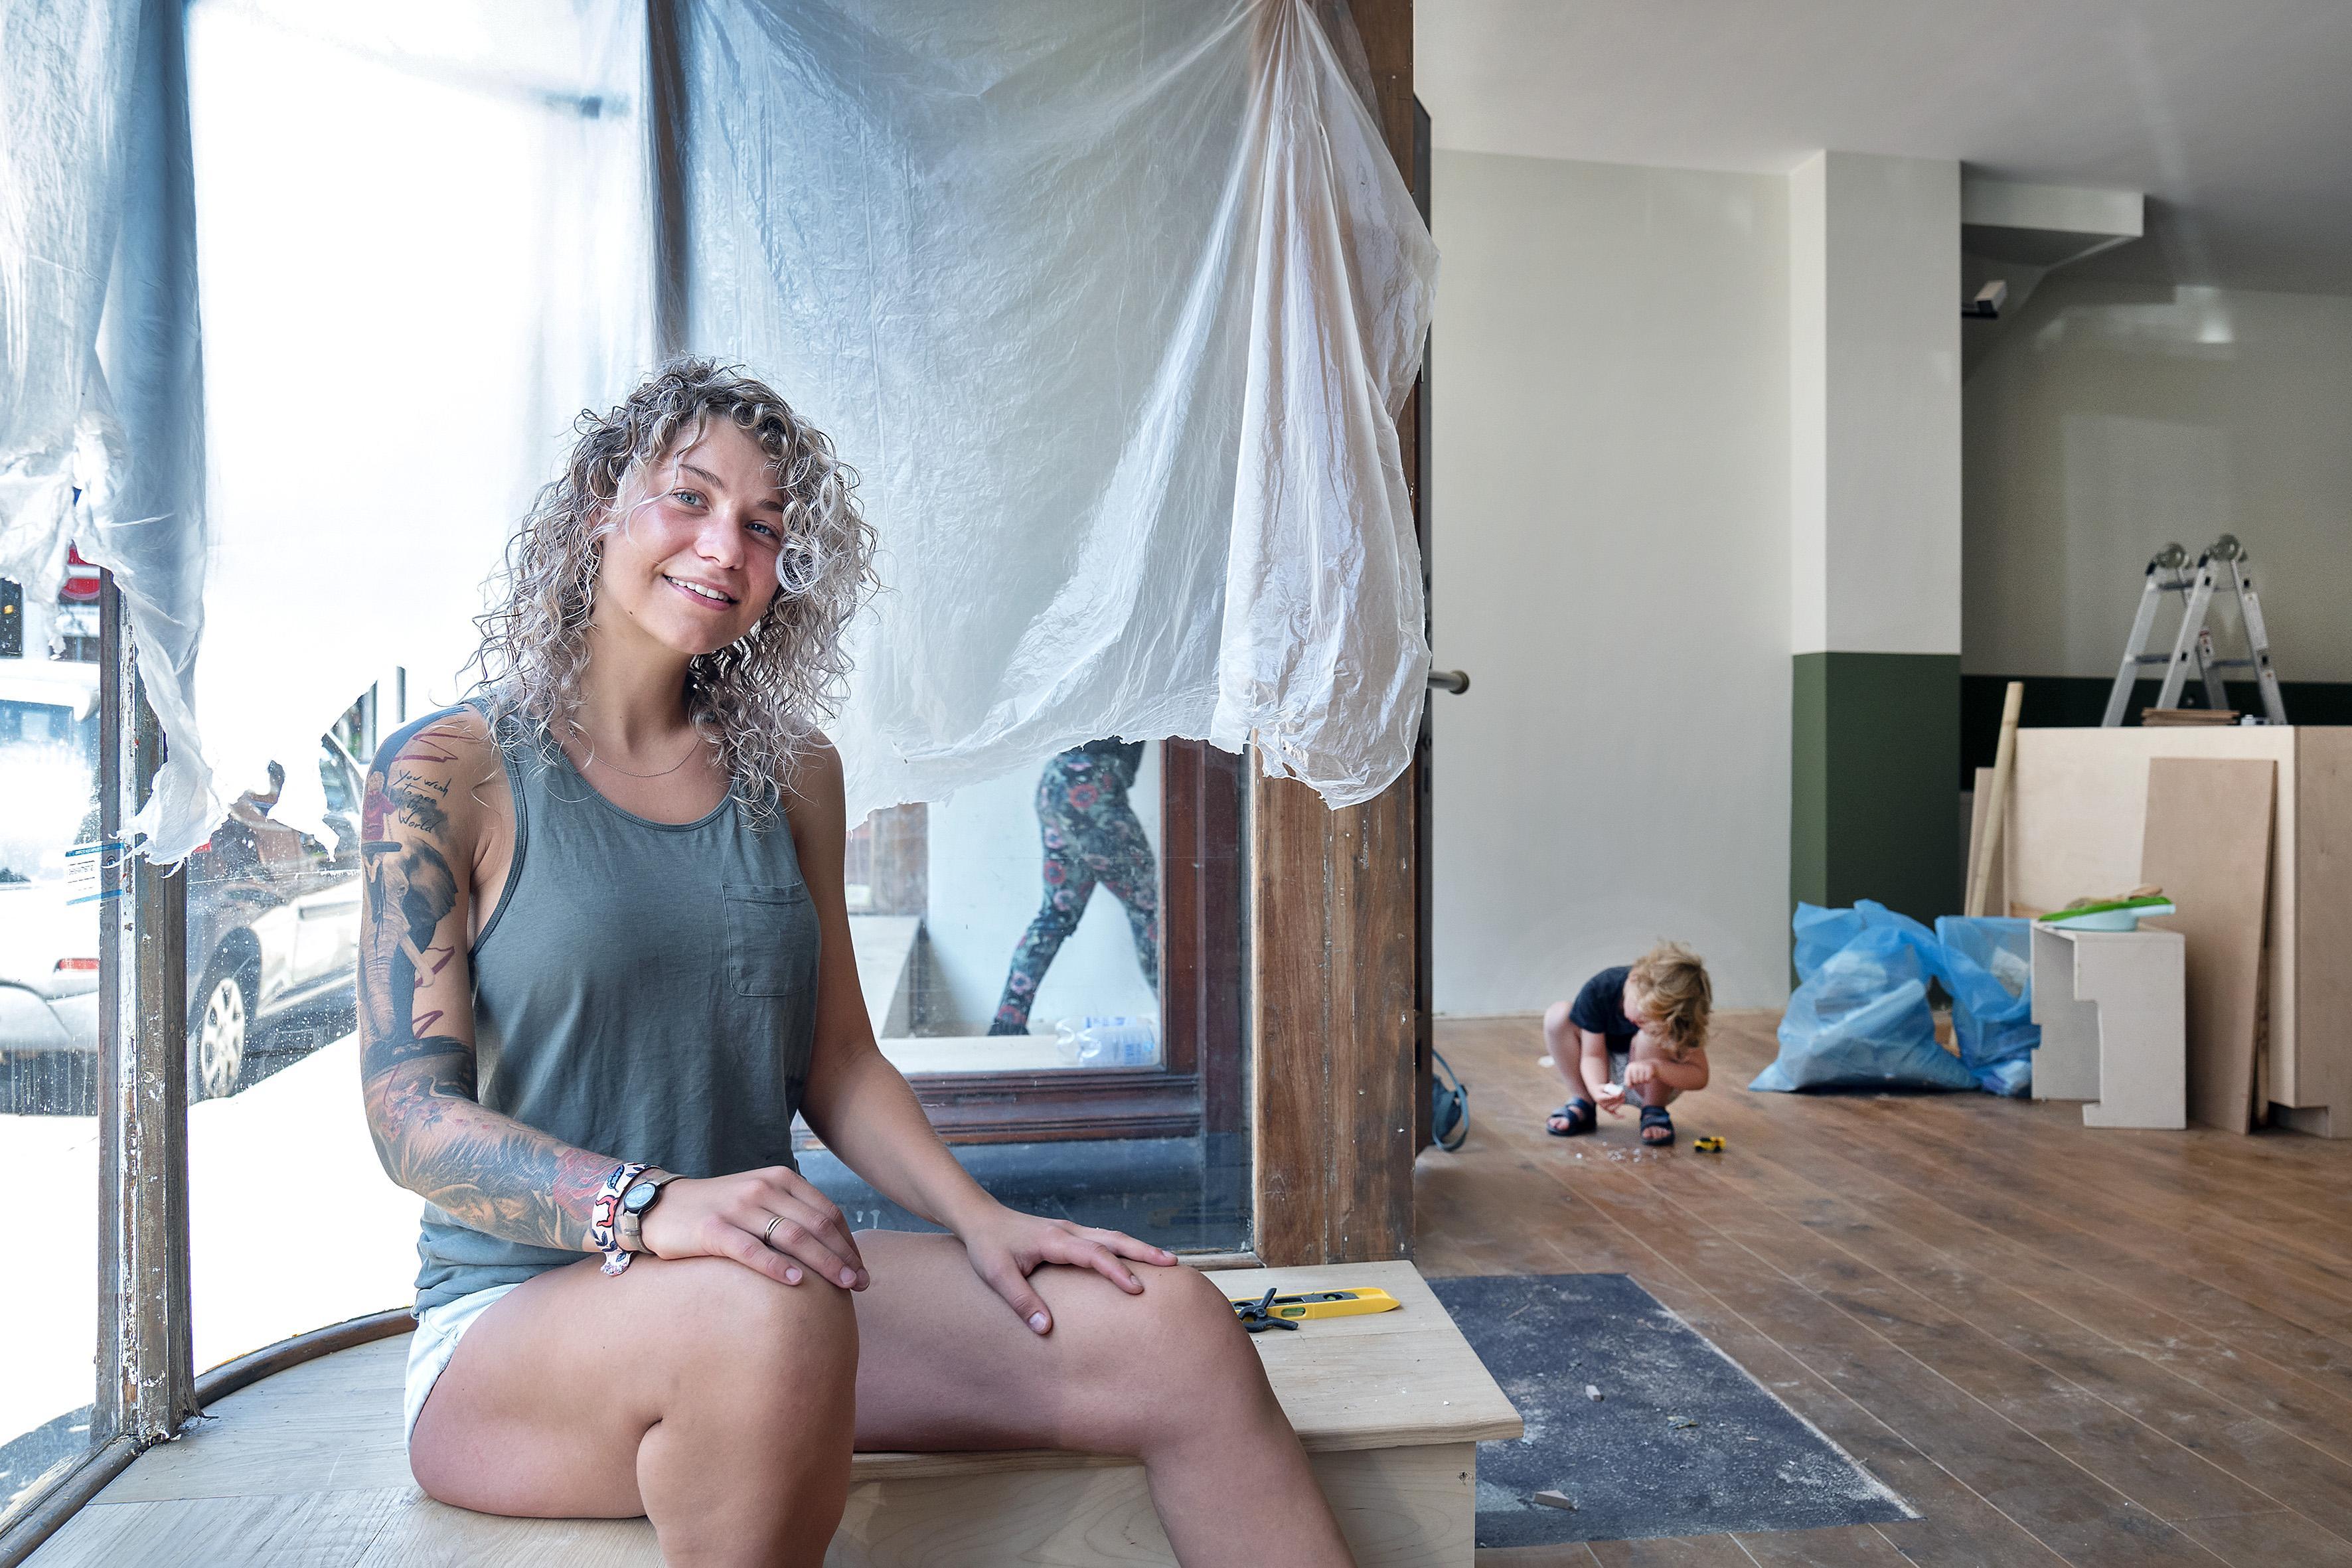 Tattooshop Ink Meesters opent in Haarlemse Barrevoetestraat: Amber Tromp Meesters leerde tatoeëren op varkenshuid